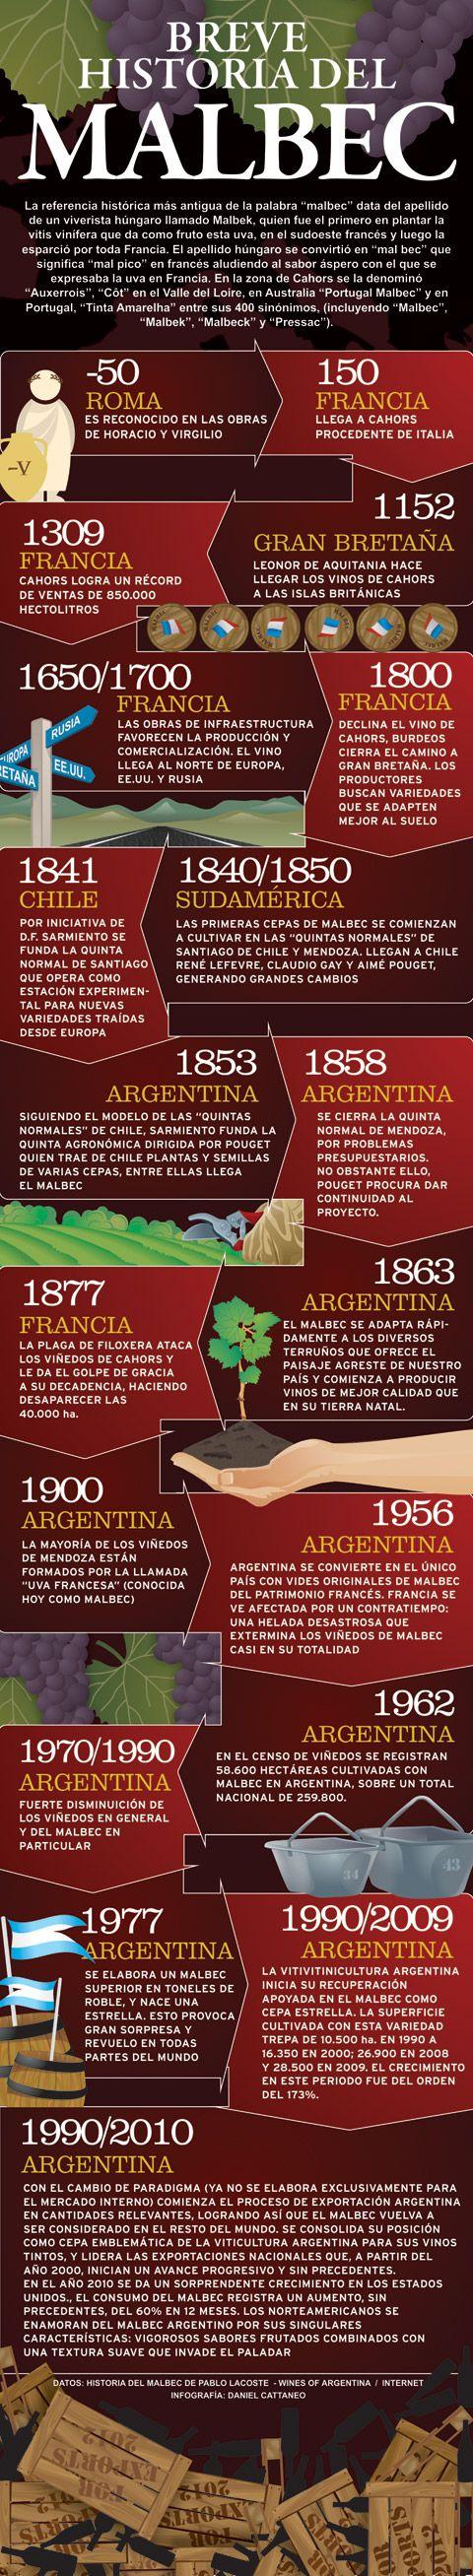 Breve historia del Malbec - Area del Vino